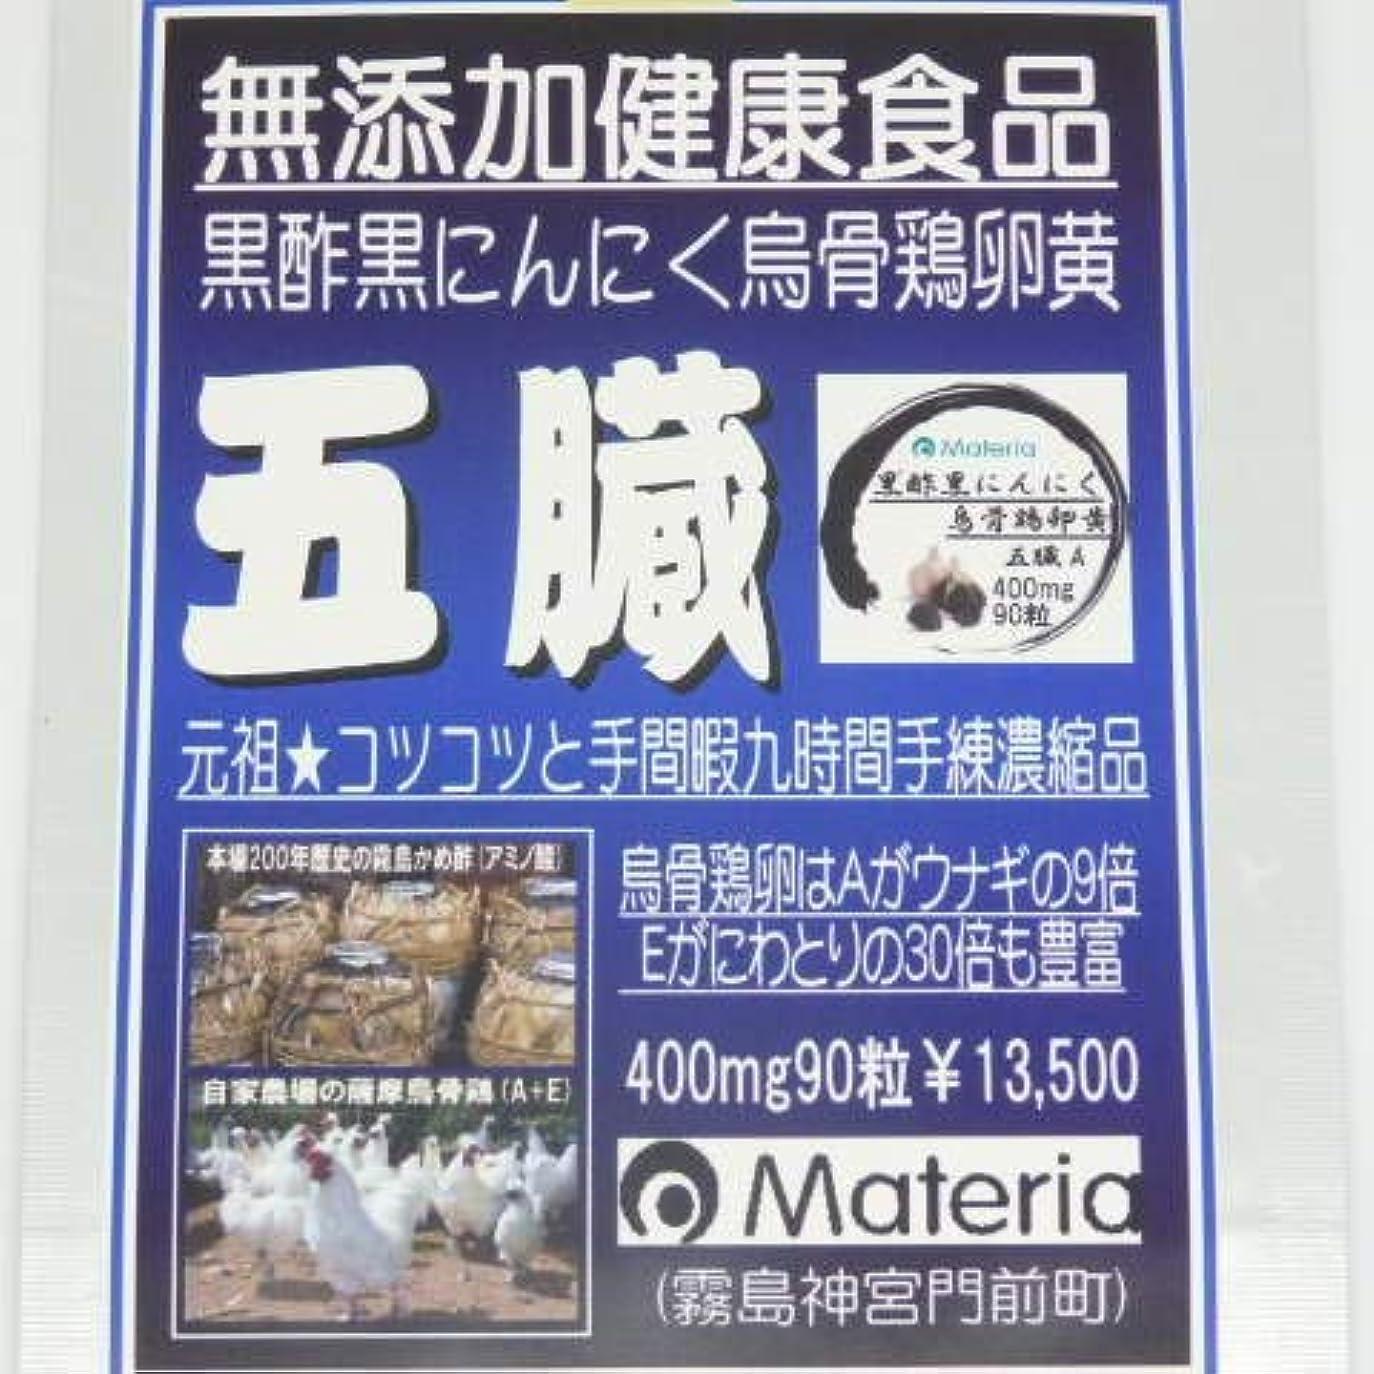 以下間隔おじさん無添加健康食品/黒酢黒にんにく卵黄/五臓A系(90粒90日分)¥13,500